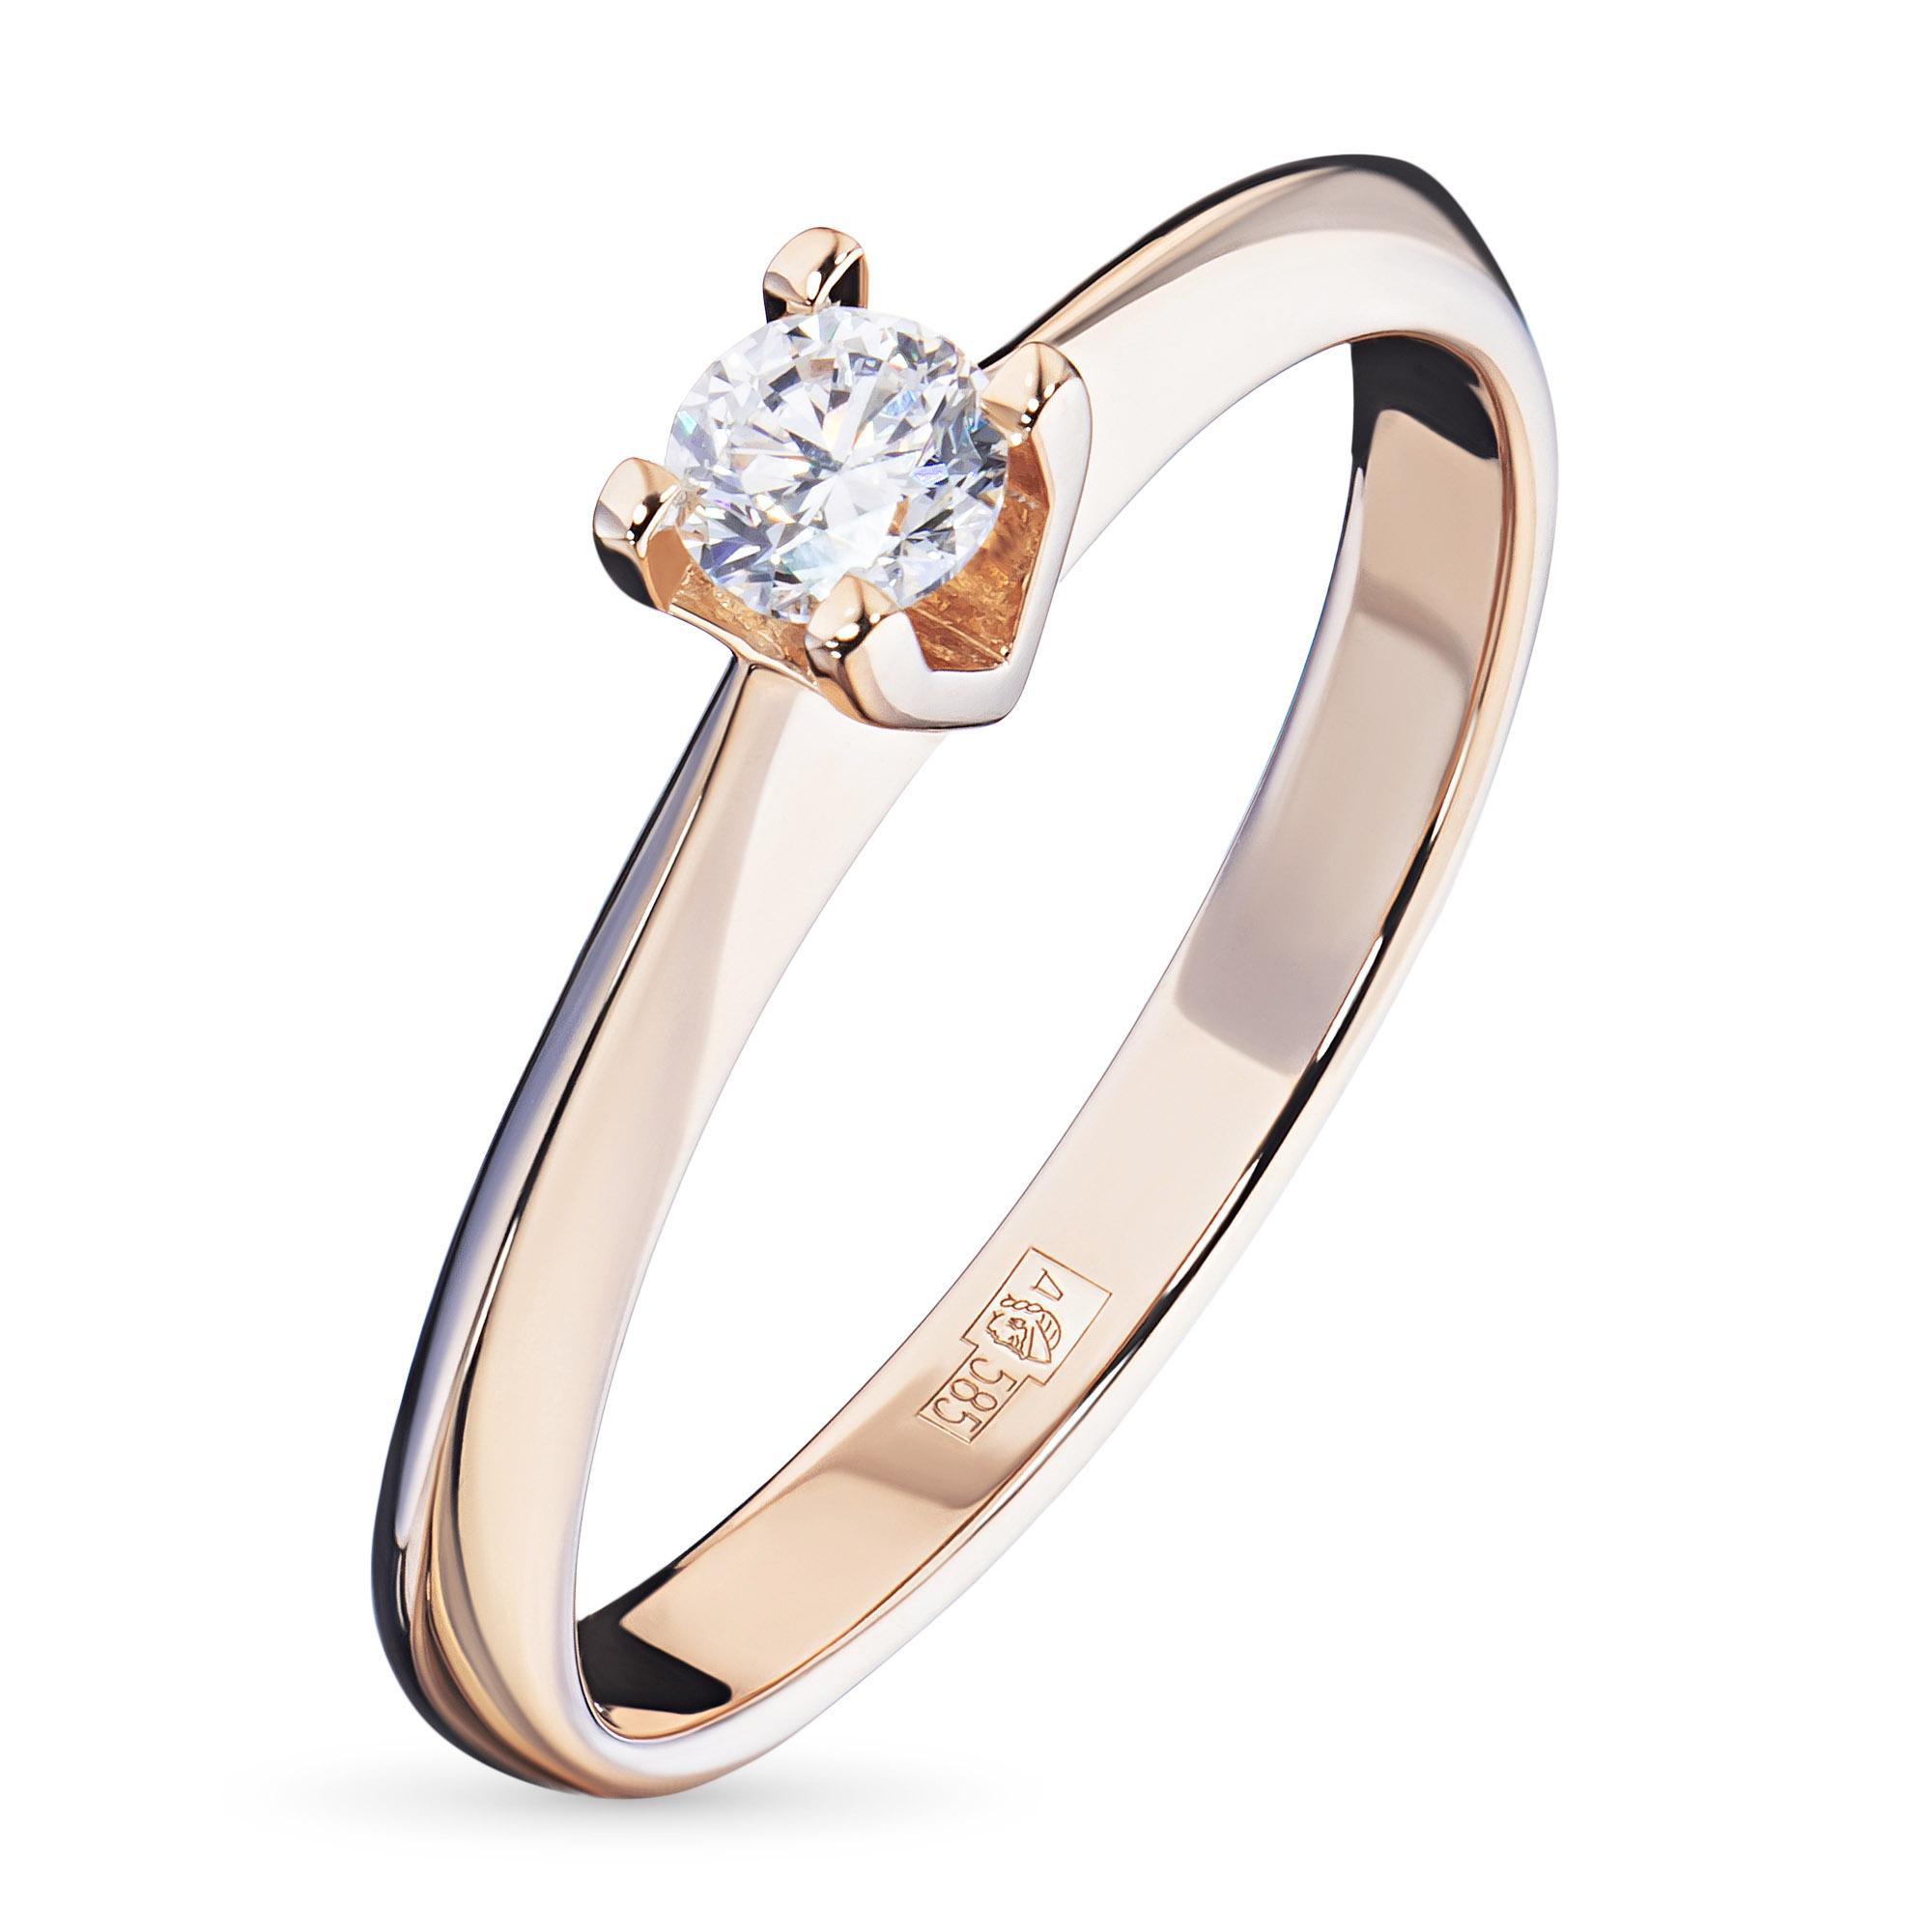 Кольцо из красного золота с бриллиантом э0201кц04091200 фото